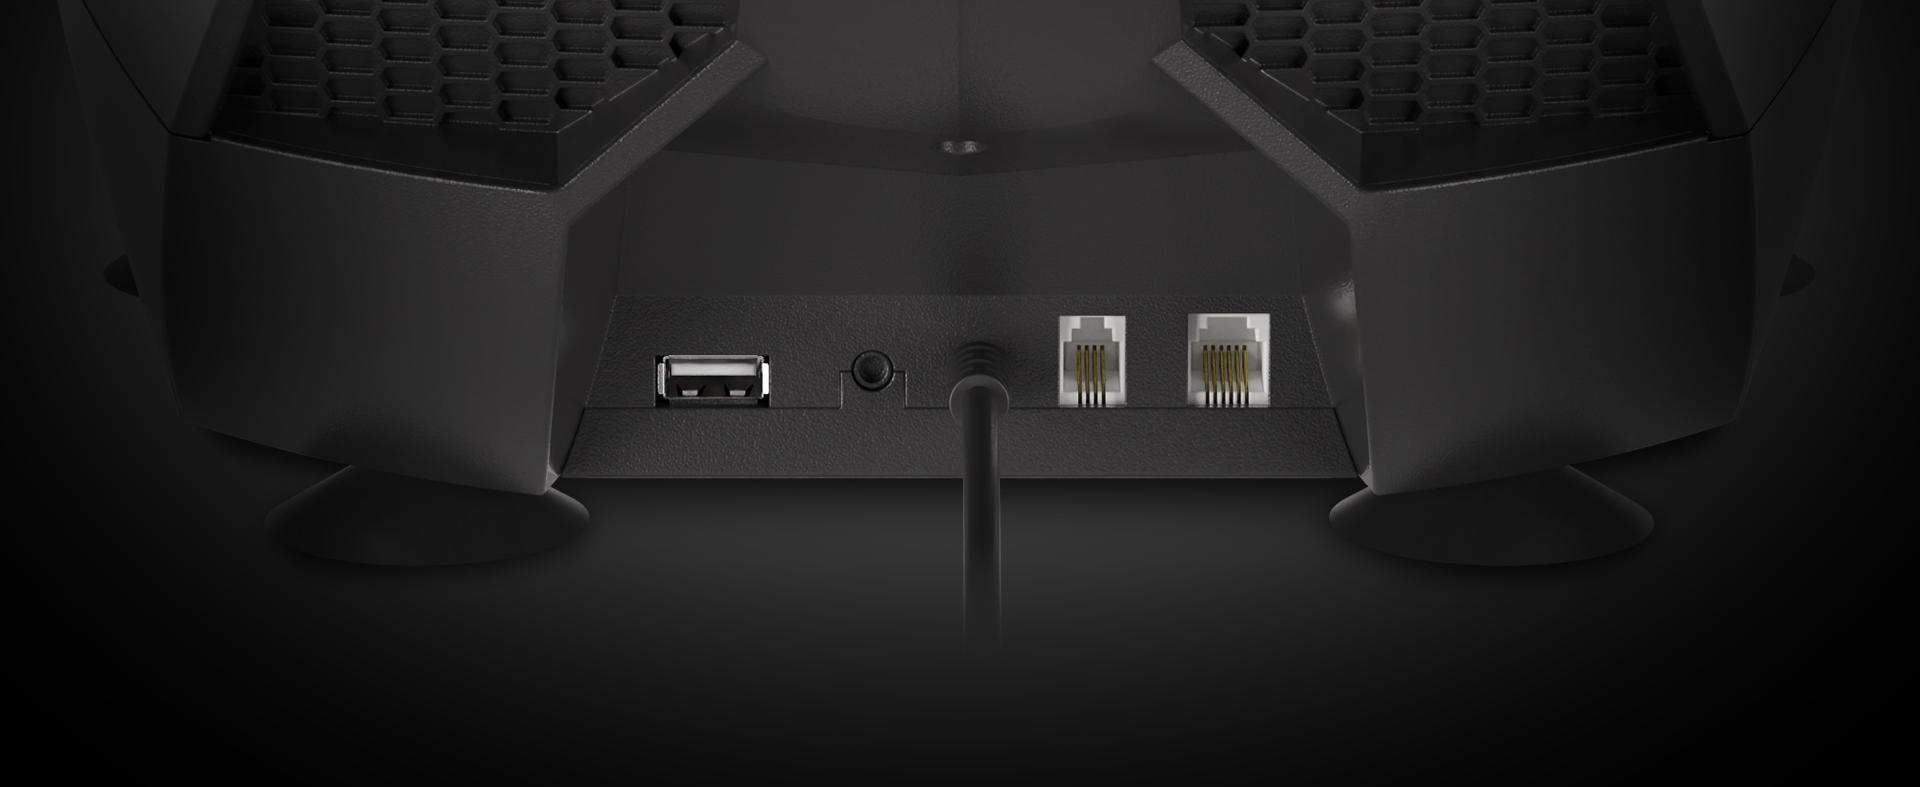 pc / konsol 7 için sürüş tekerleği genesis seaborg 400